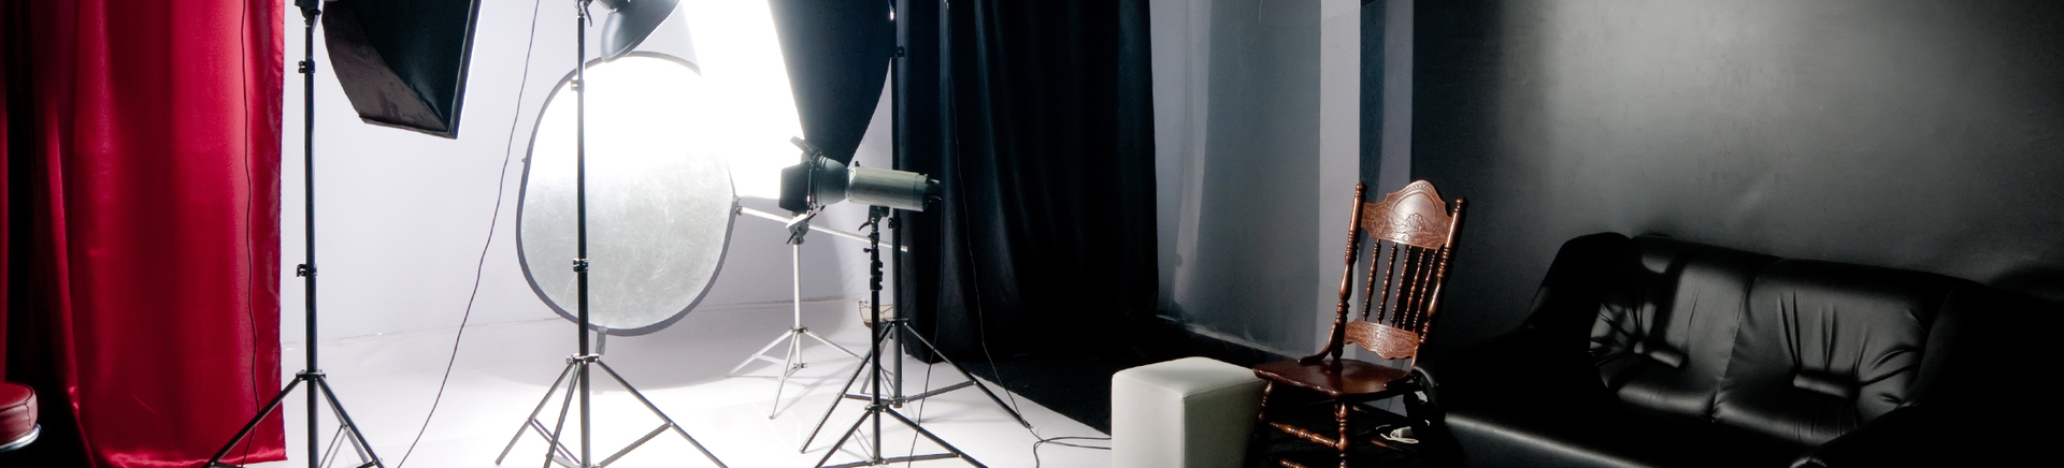 LIGHTREEL Productions - Medienproduktion und Studiofotografie Augsburg, Film Video, Imagefilm, Werbung, Werbevideo, Webvideo, Animation, Schnitt, Kameramann, Dreh, Kamera, Eventvideo, Hochzeitsvideo, Messefilm, Musikvideo, Luftaufnahmen, Erklärvideo, Prod